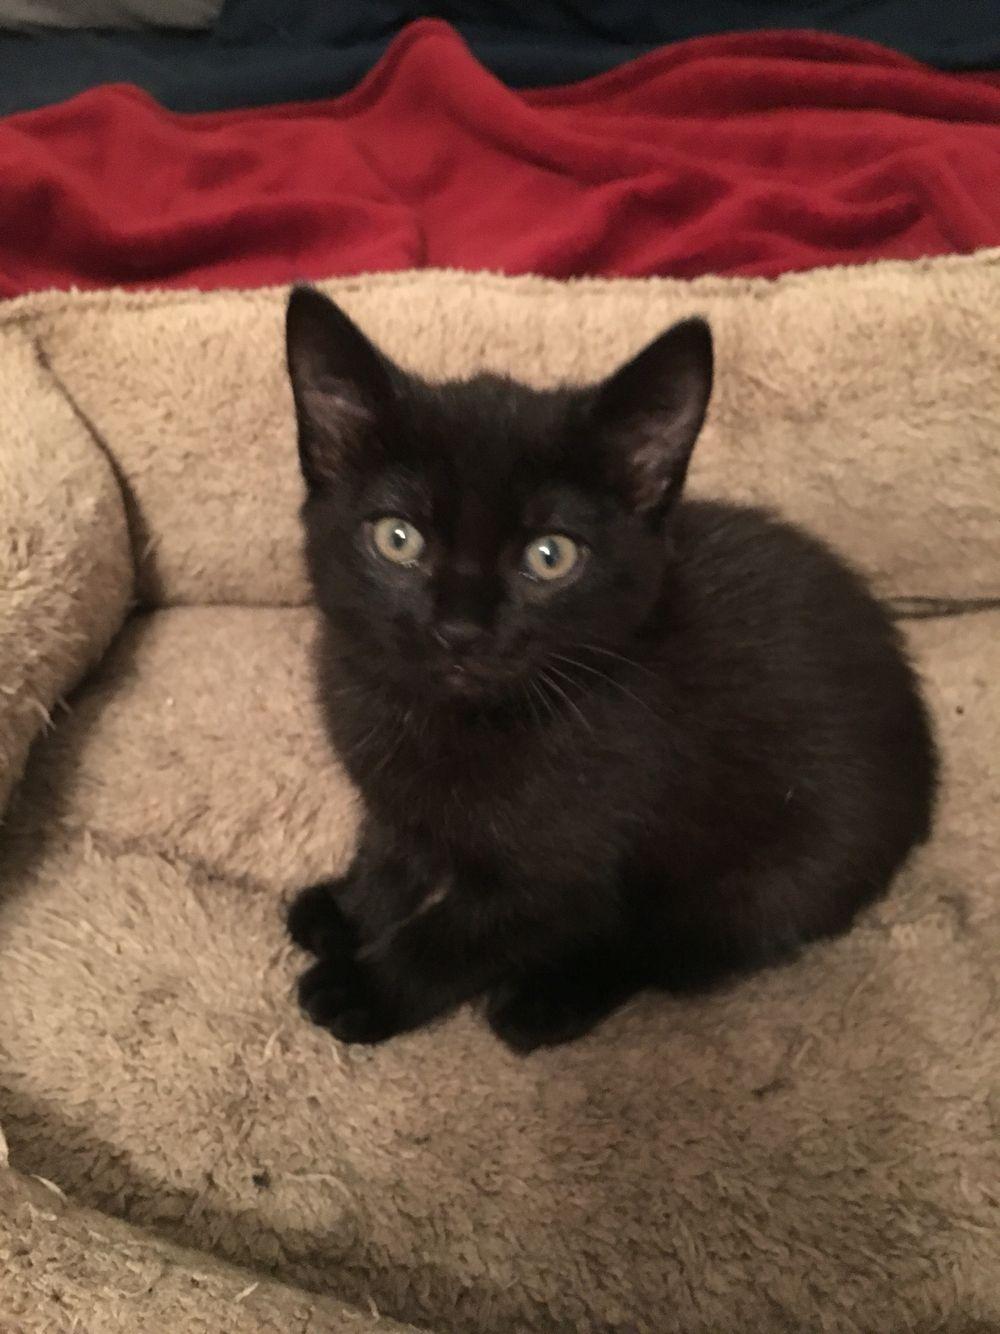 Ipswich My New Black Kitten Kittens White Cats Animals